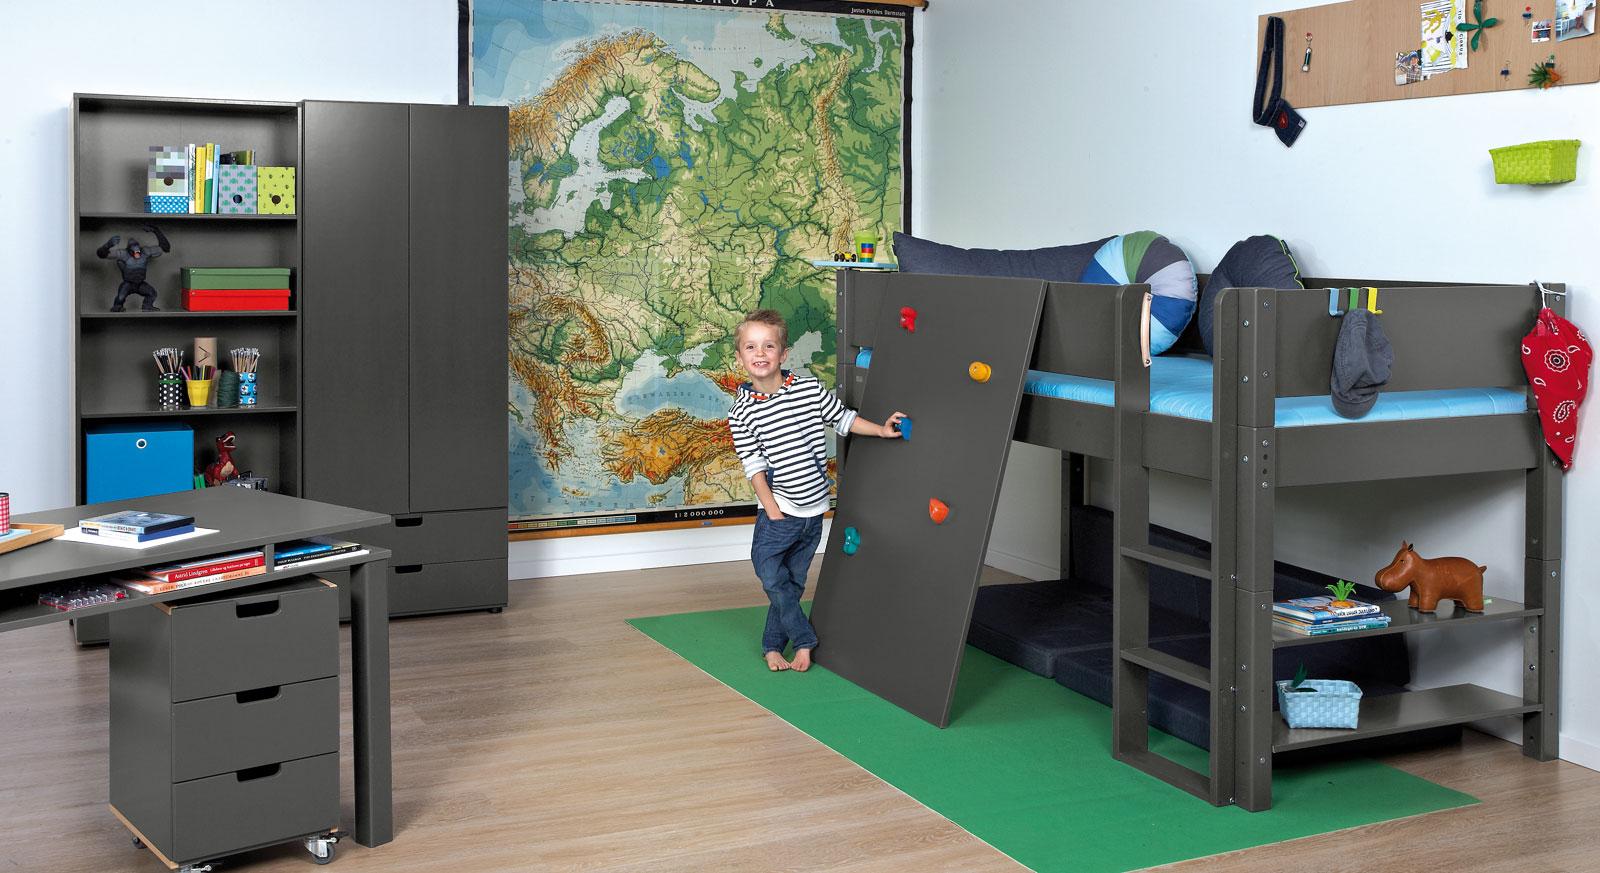 Abenteuer-Kinderzimmer mit Hochbett & Kletterwand - Kids Town